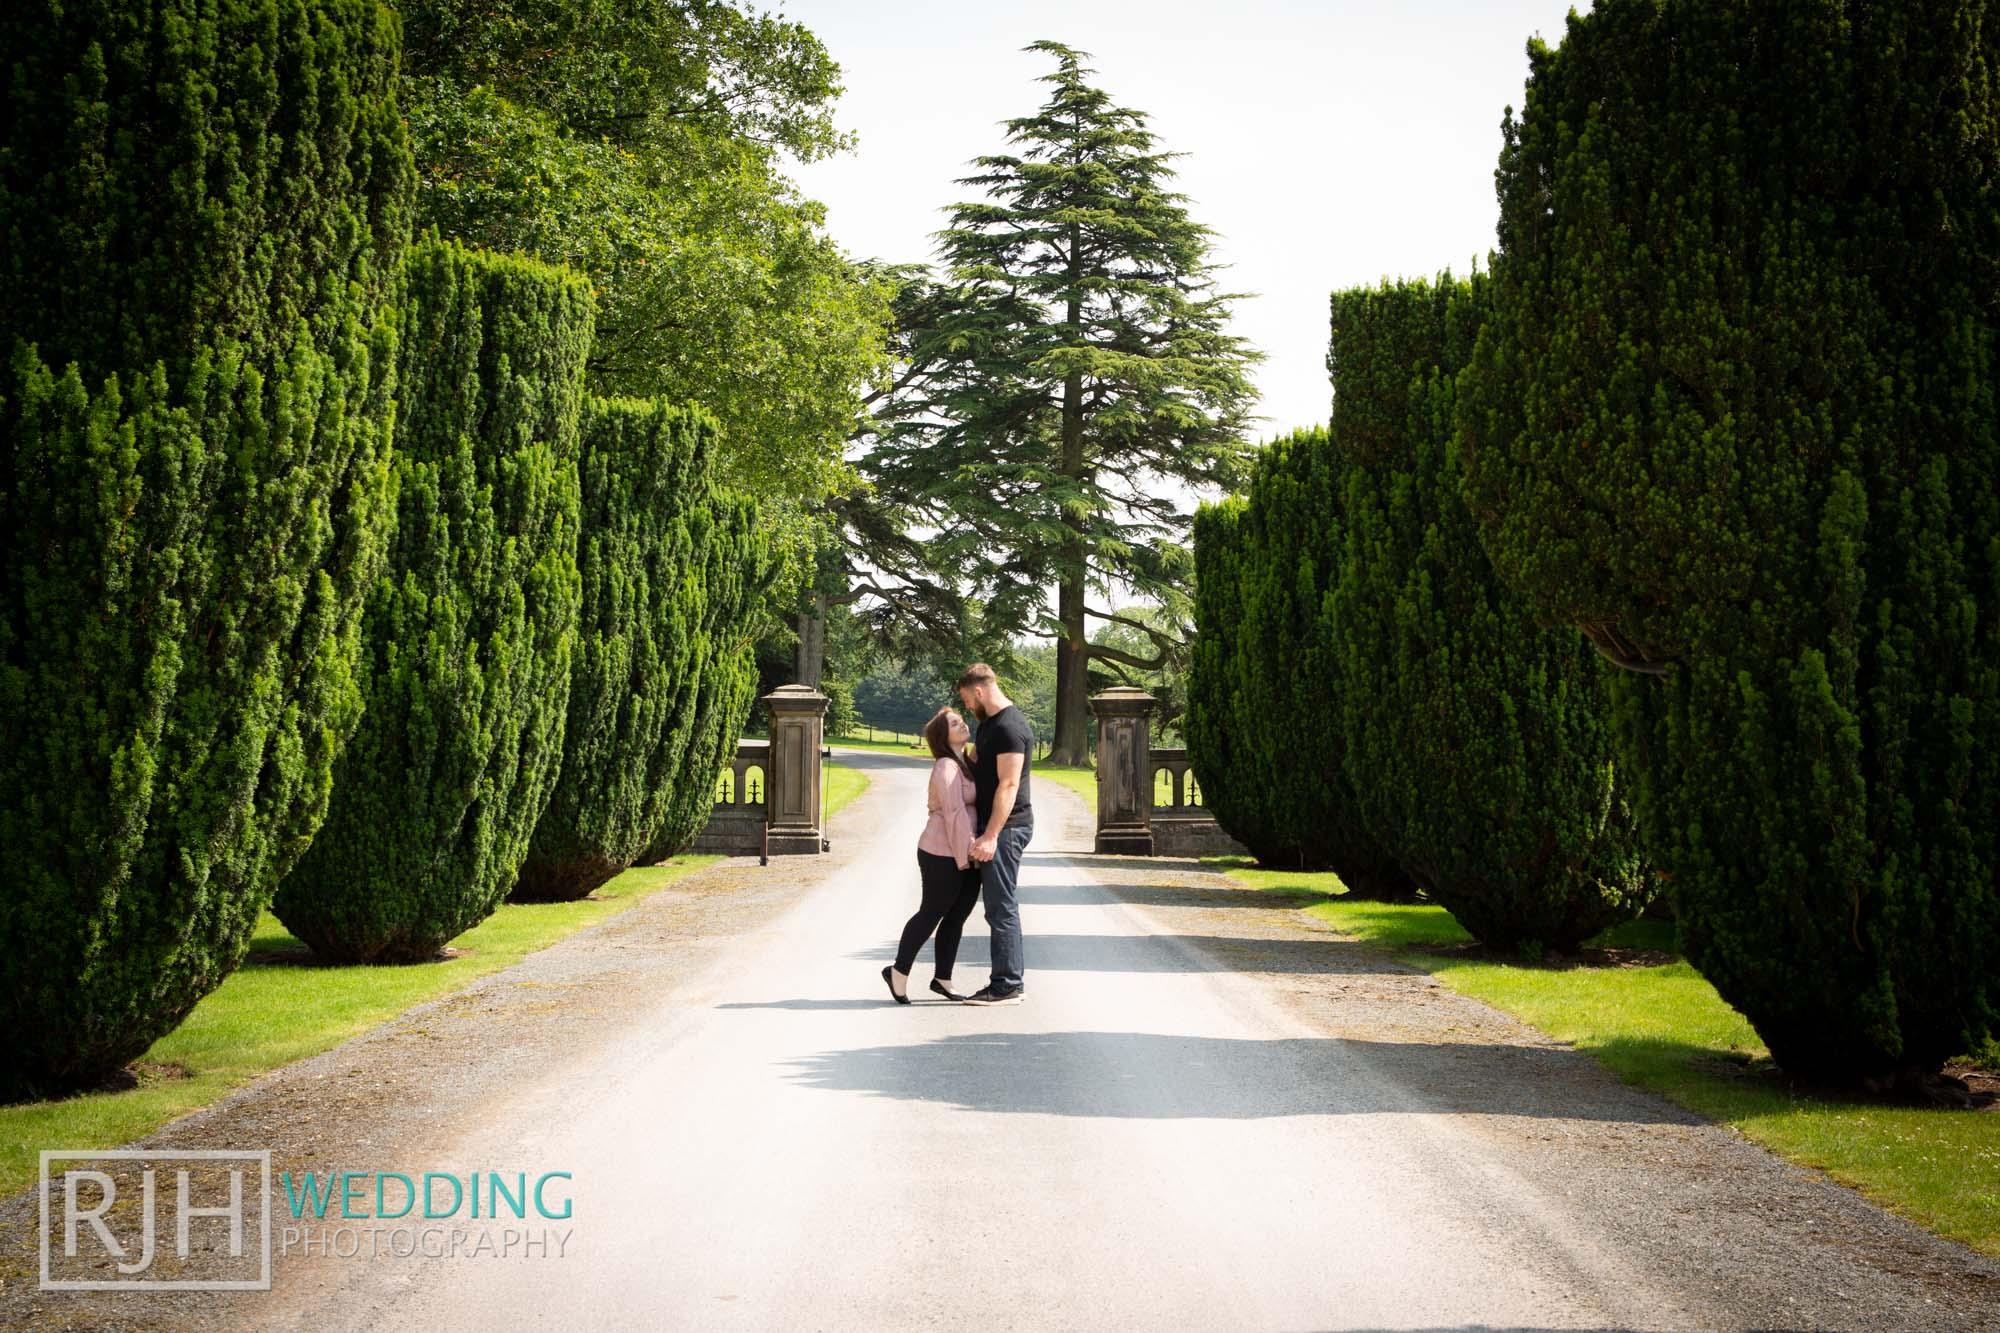 Osmaston Park Wedding Photographer - Jodie & Oli_038_RJH19102.jpg